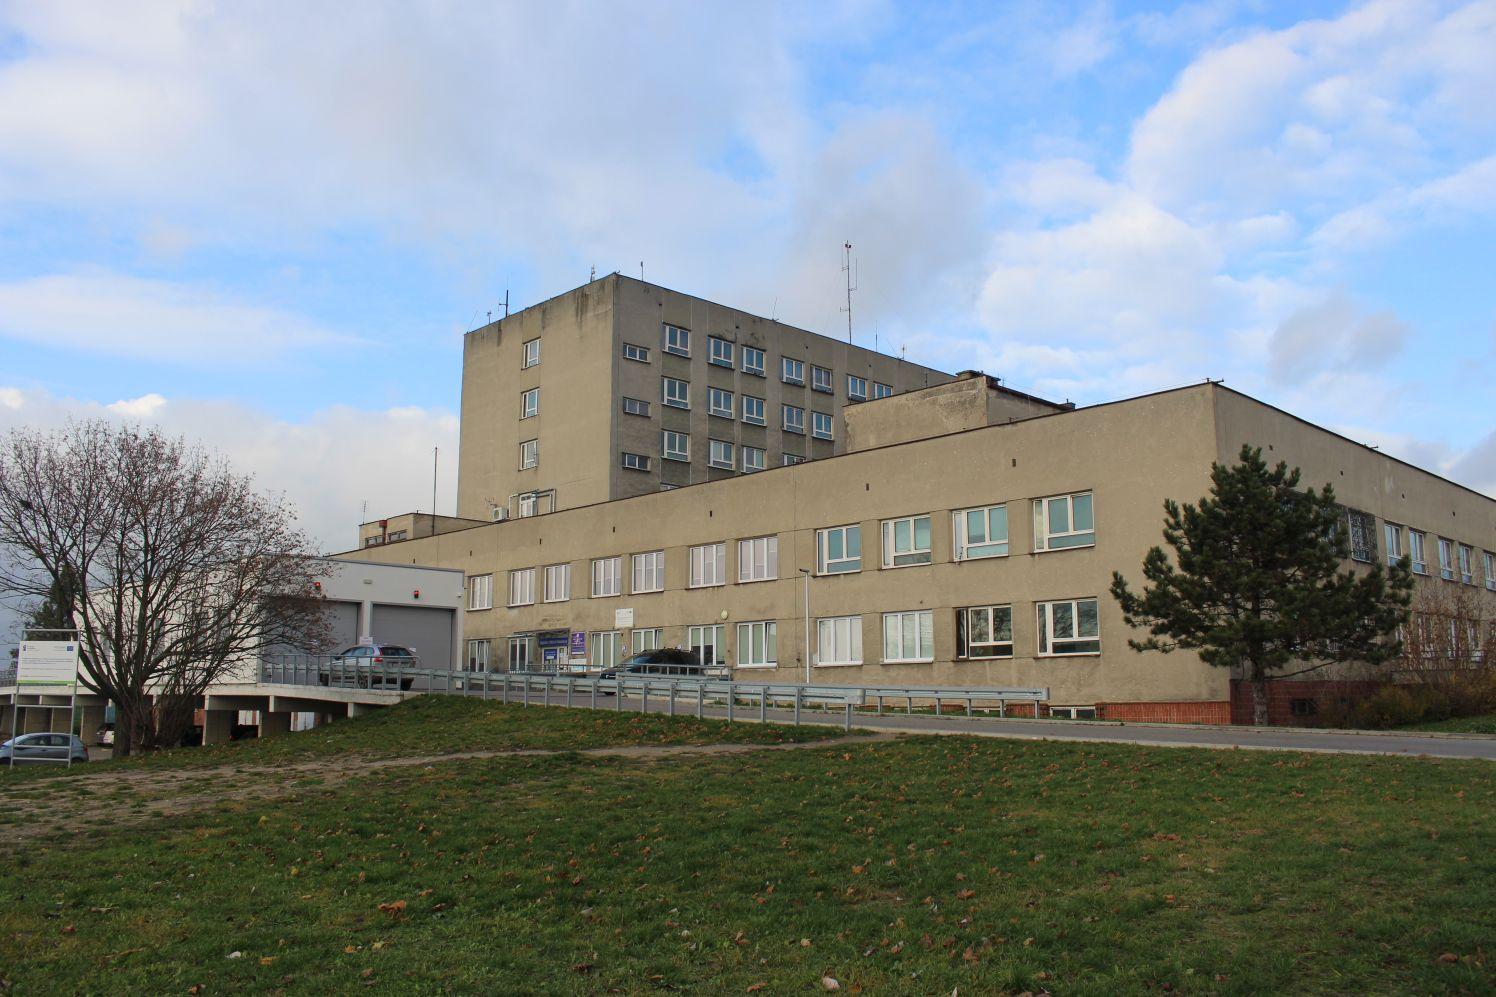 Kutnowski szpital w pierwszej kolejności! Za kilka dni trafi do nas szczepionka przeciw COVID-19 - Zdjęcie główne